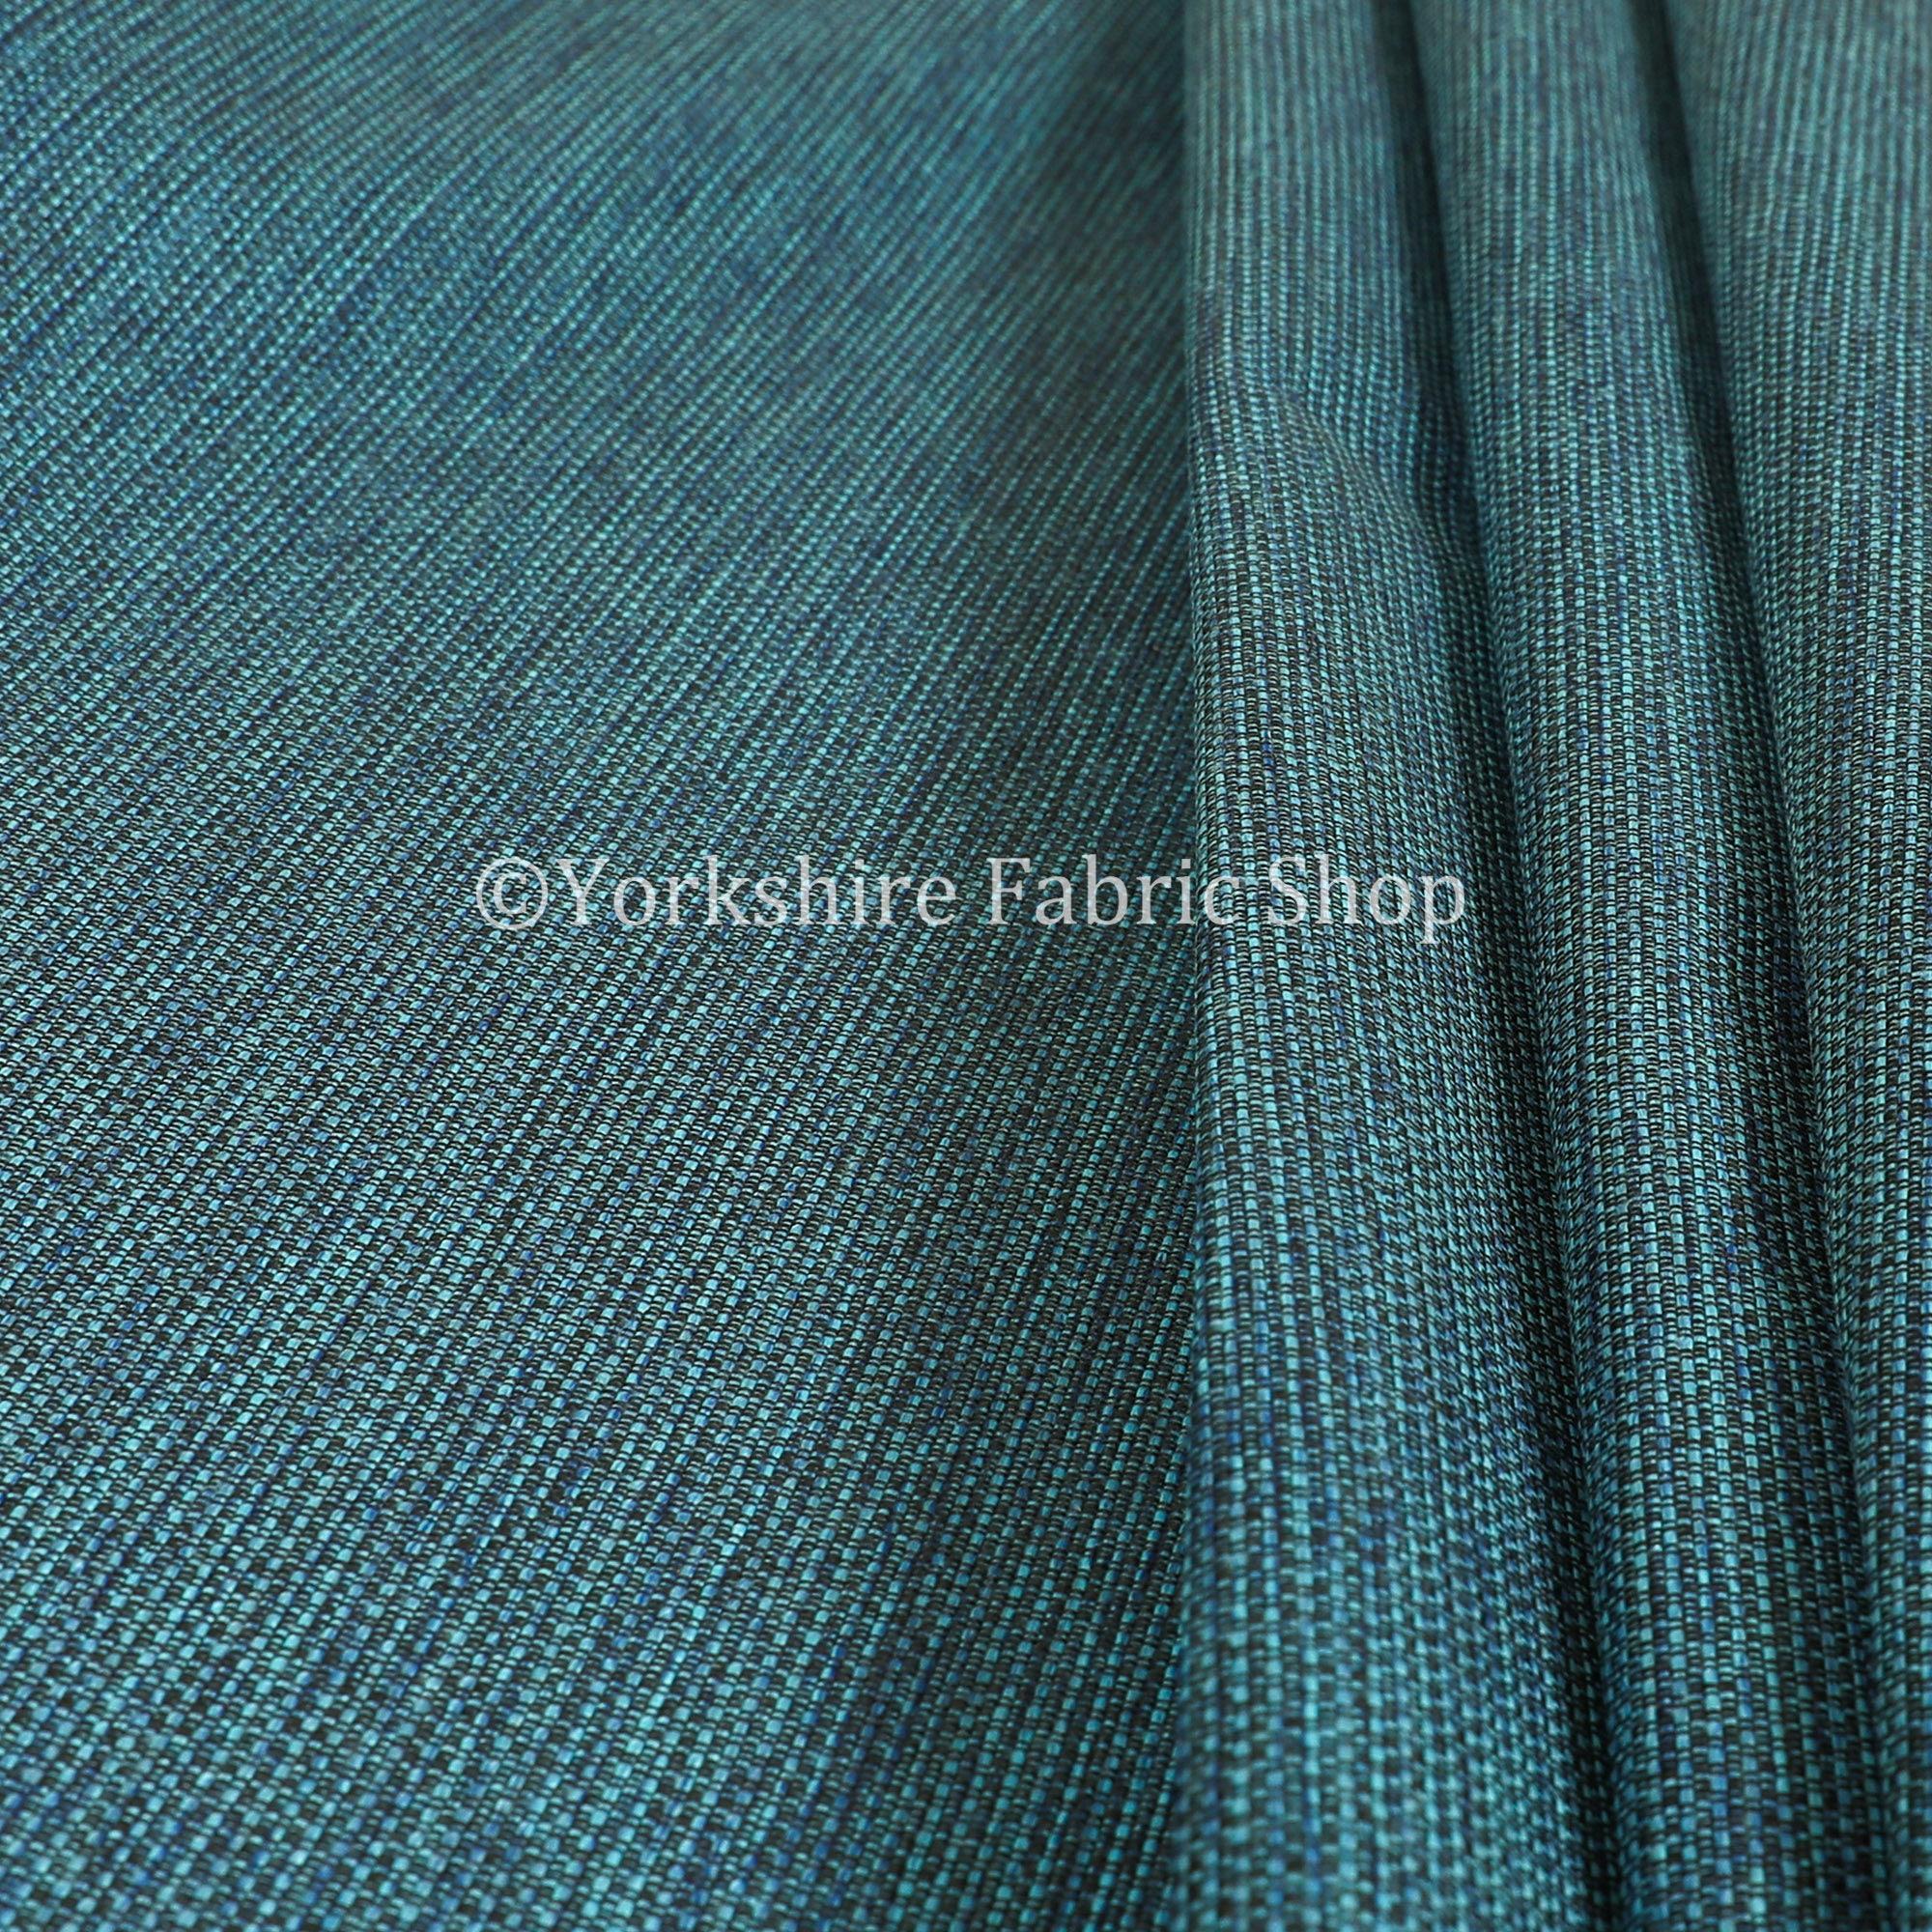 Chenille moderne plaine lisse texturé ameublement turquoise Rideau ameublement ameublement ameublement tissu - vendu par le tissu de longueur de 10 mètres 938b65